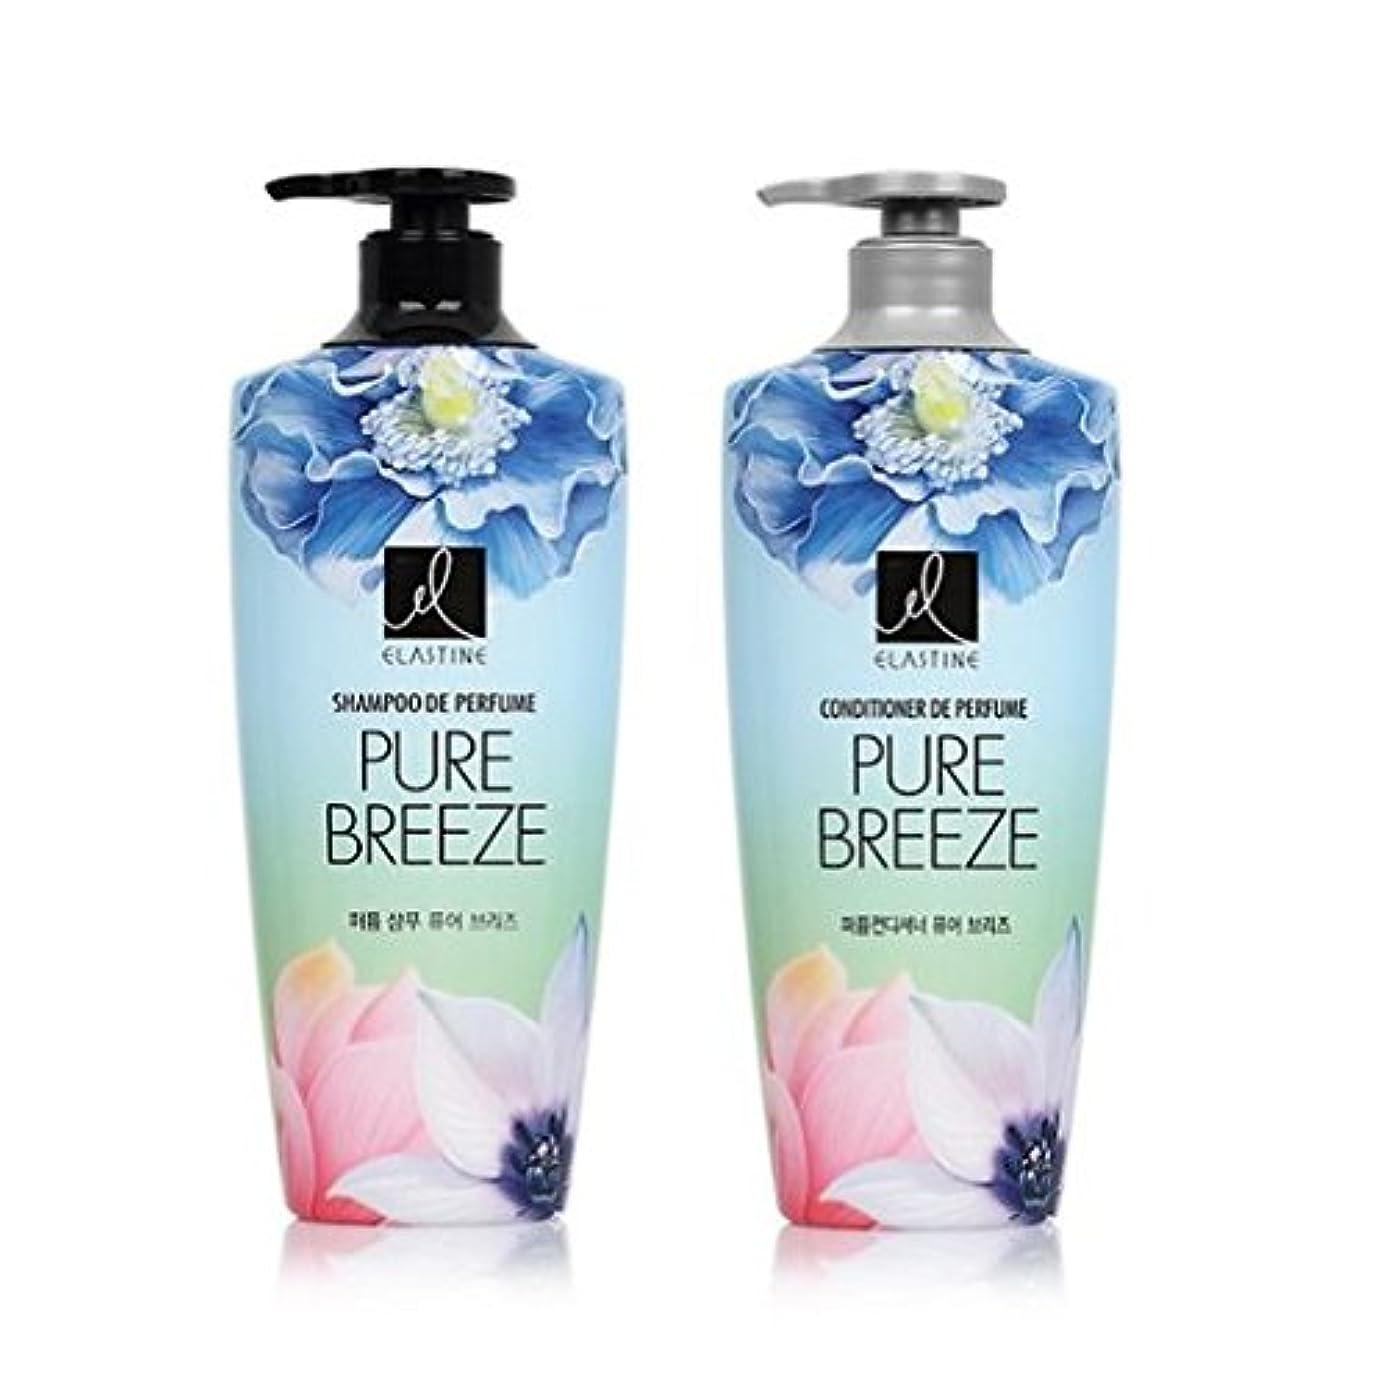 オーストラリア人準拠フェッチ[エラスティン] Elastine Perfume PURE BREEZE シャンプー600ml x 2本, コンディショナー600ml x 1本 / パフュームピュアブリーズ [並行輸入品]